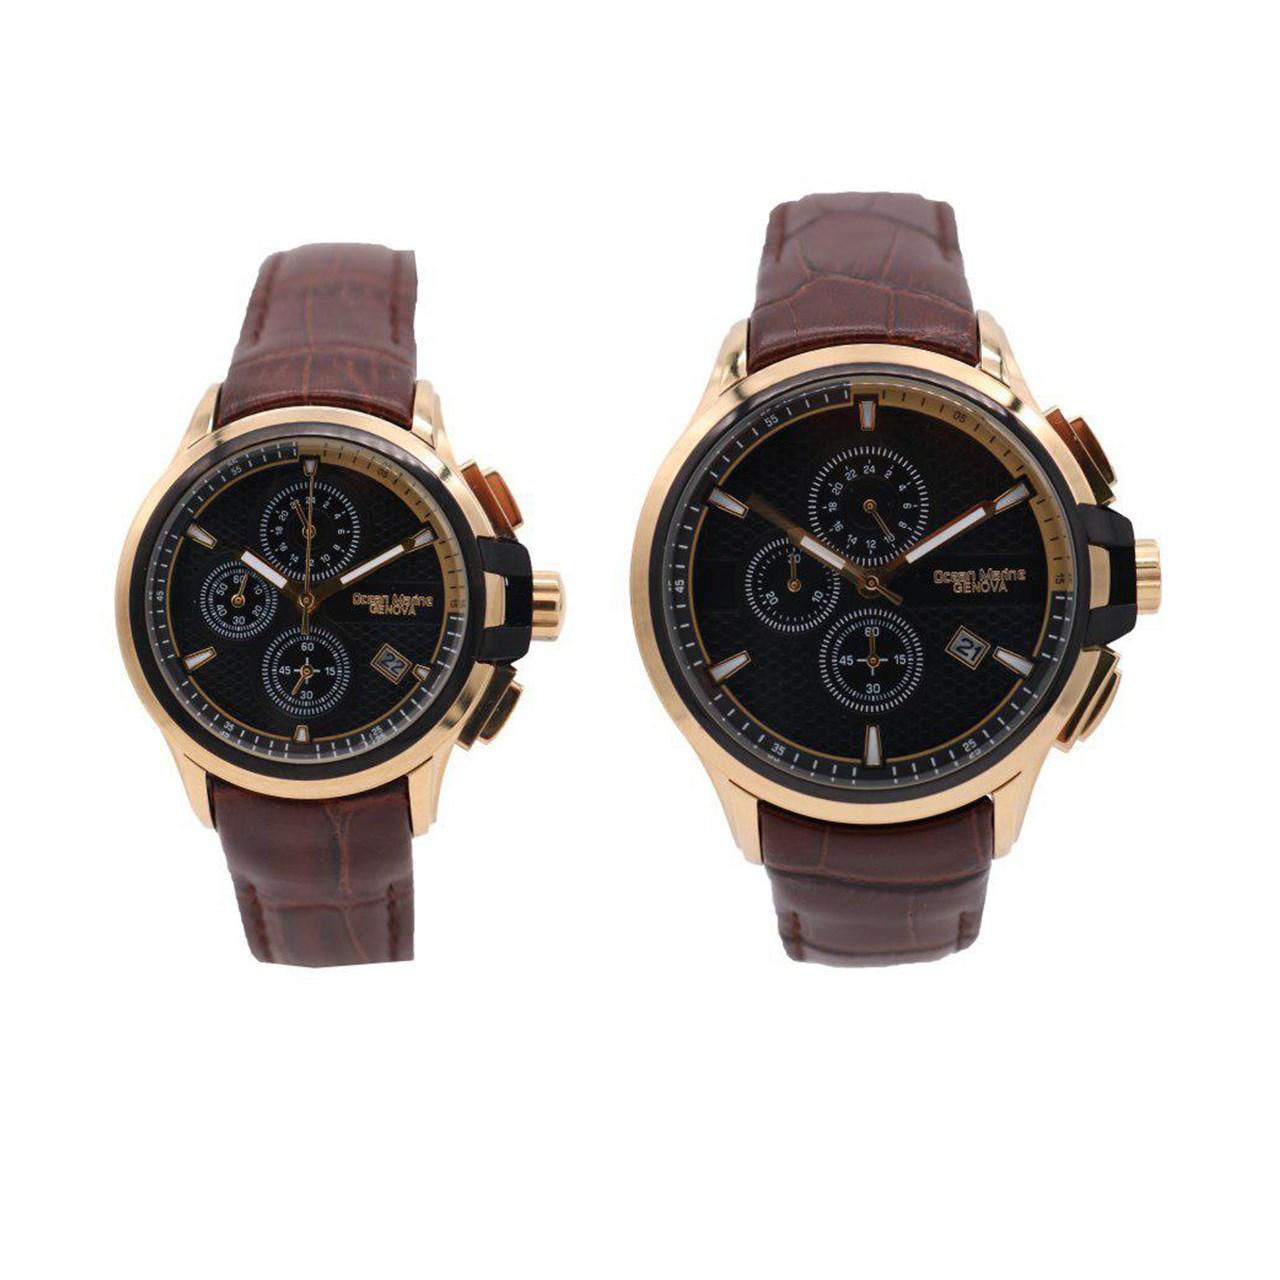 ساعت ست مردانه و زنانه اوشن مارین مدل Z-318Gb5 و Z-318Lb5